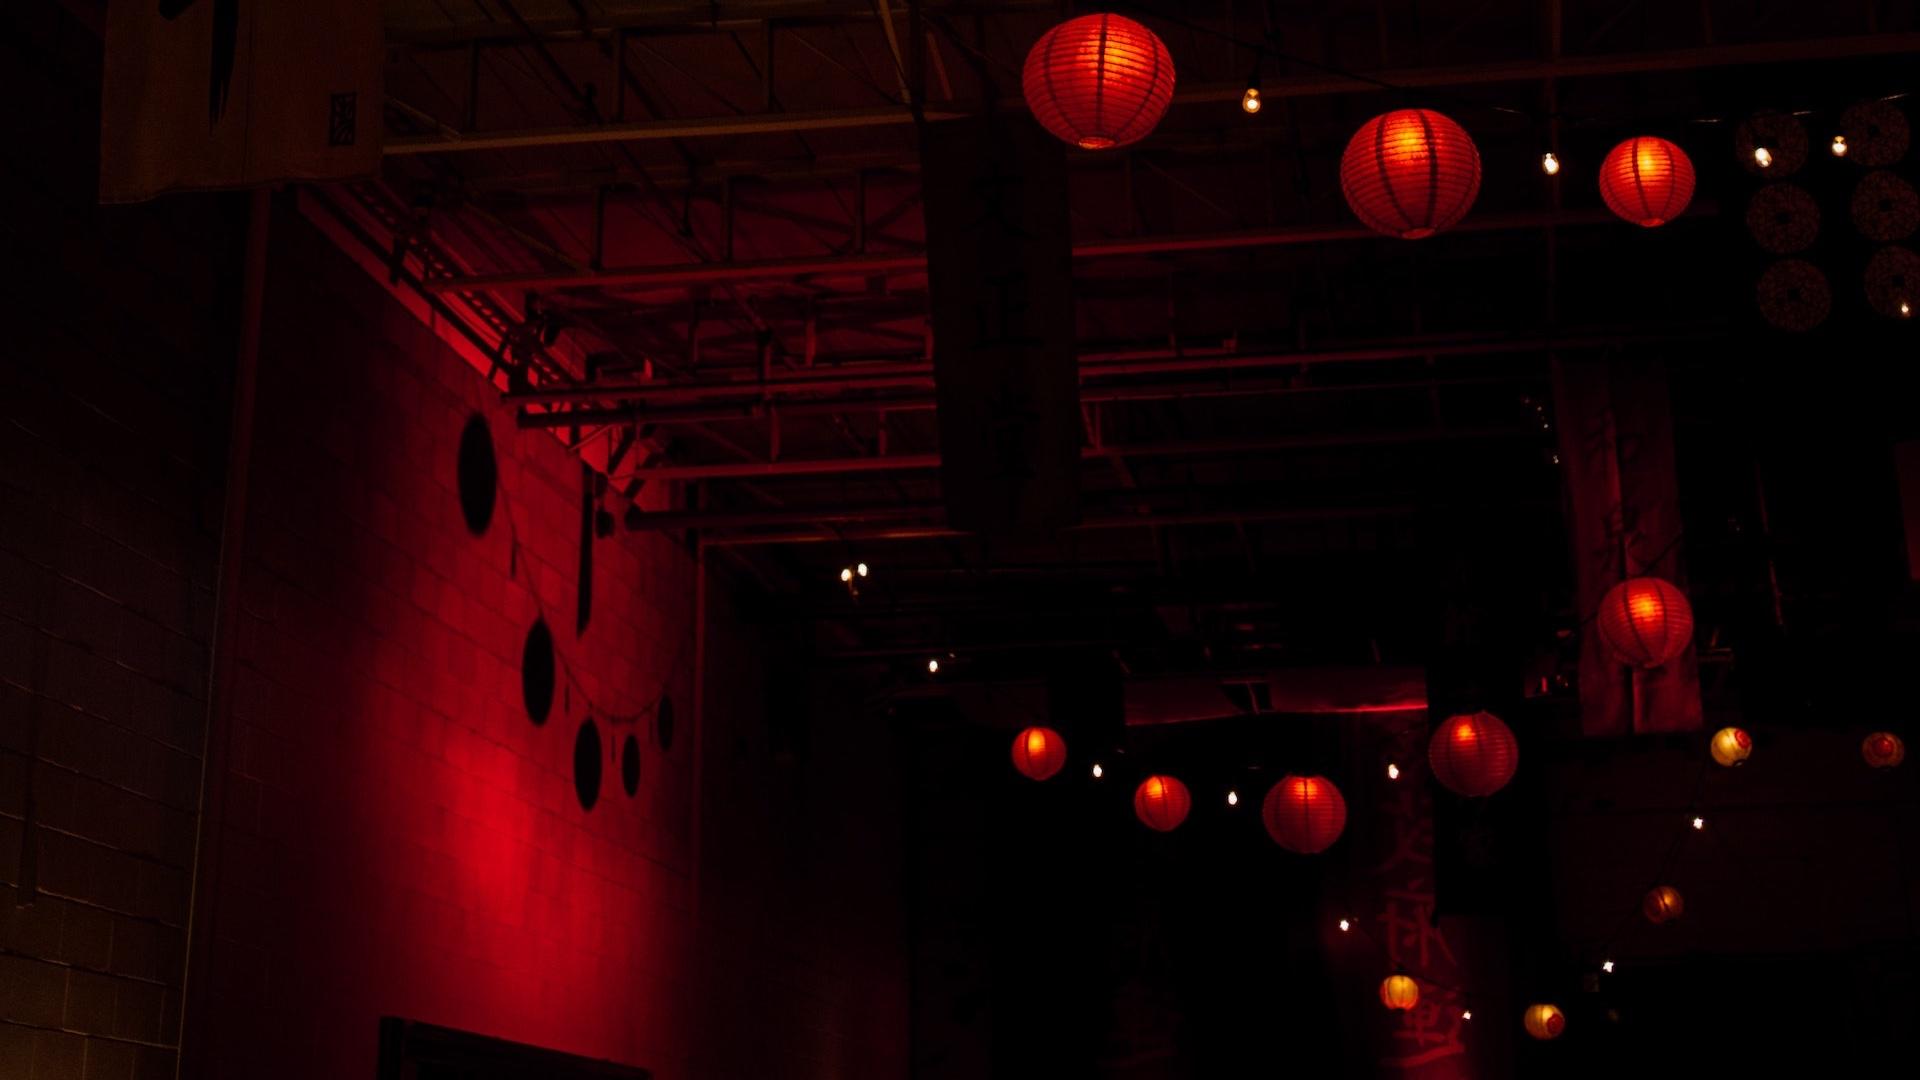 提灯のあるレンガの壁